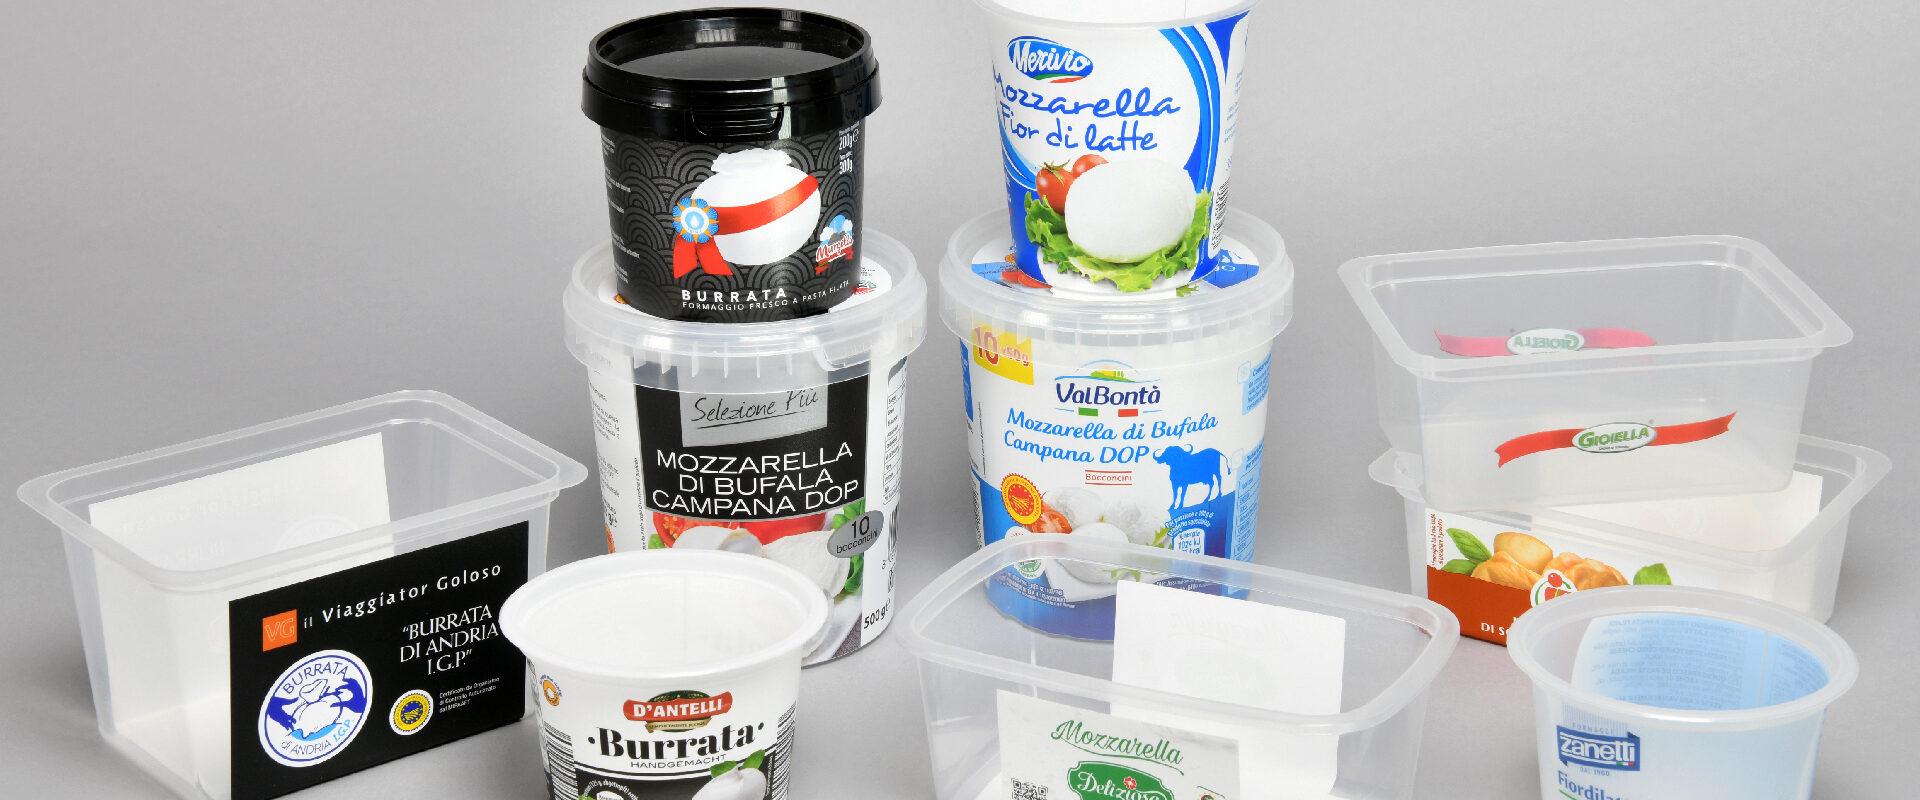 Vaschette termosaldate e barattoli plastica con coperchio ermetico